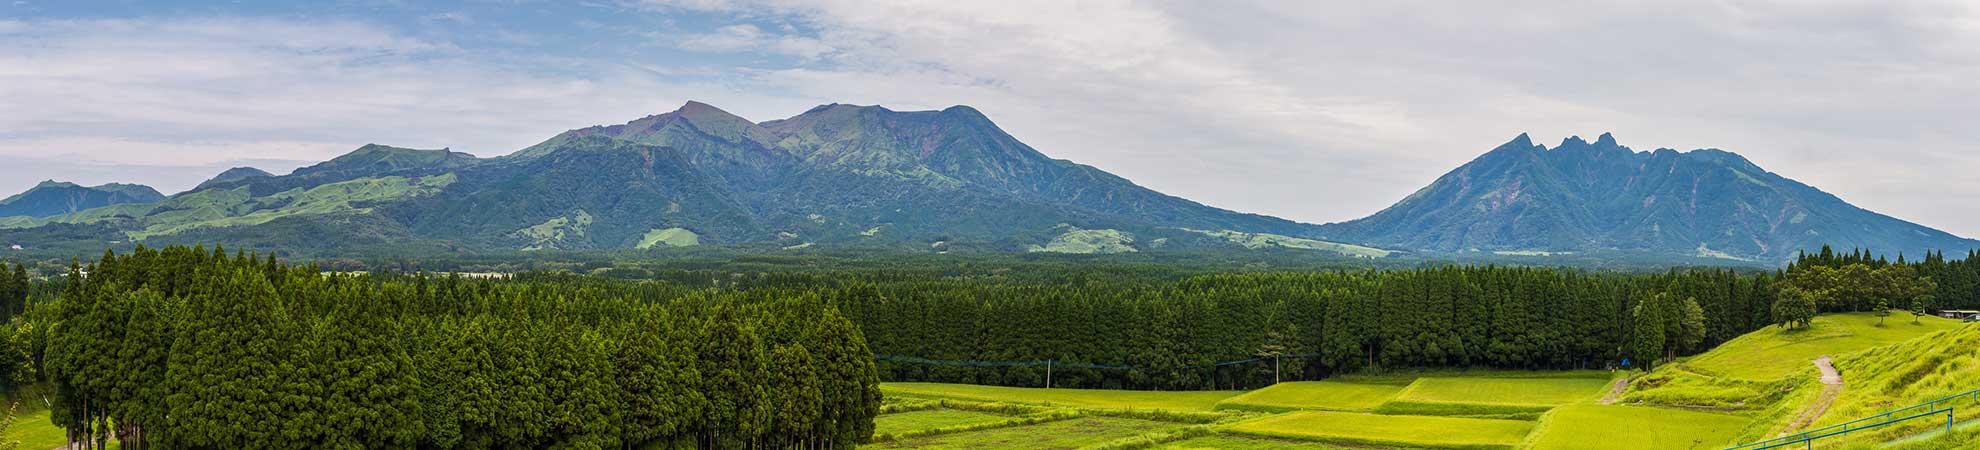 Excursion dans la caldeira du Mont Aso